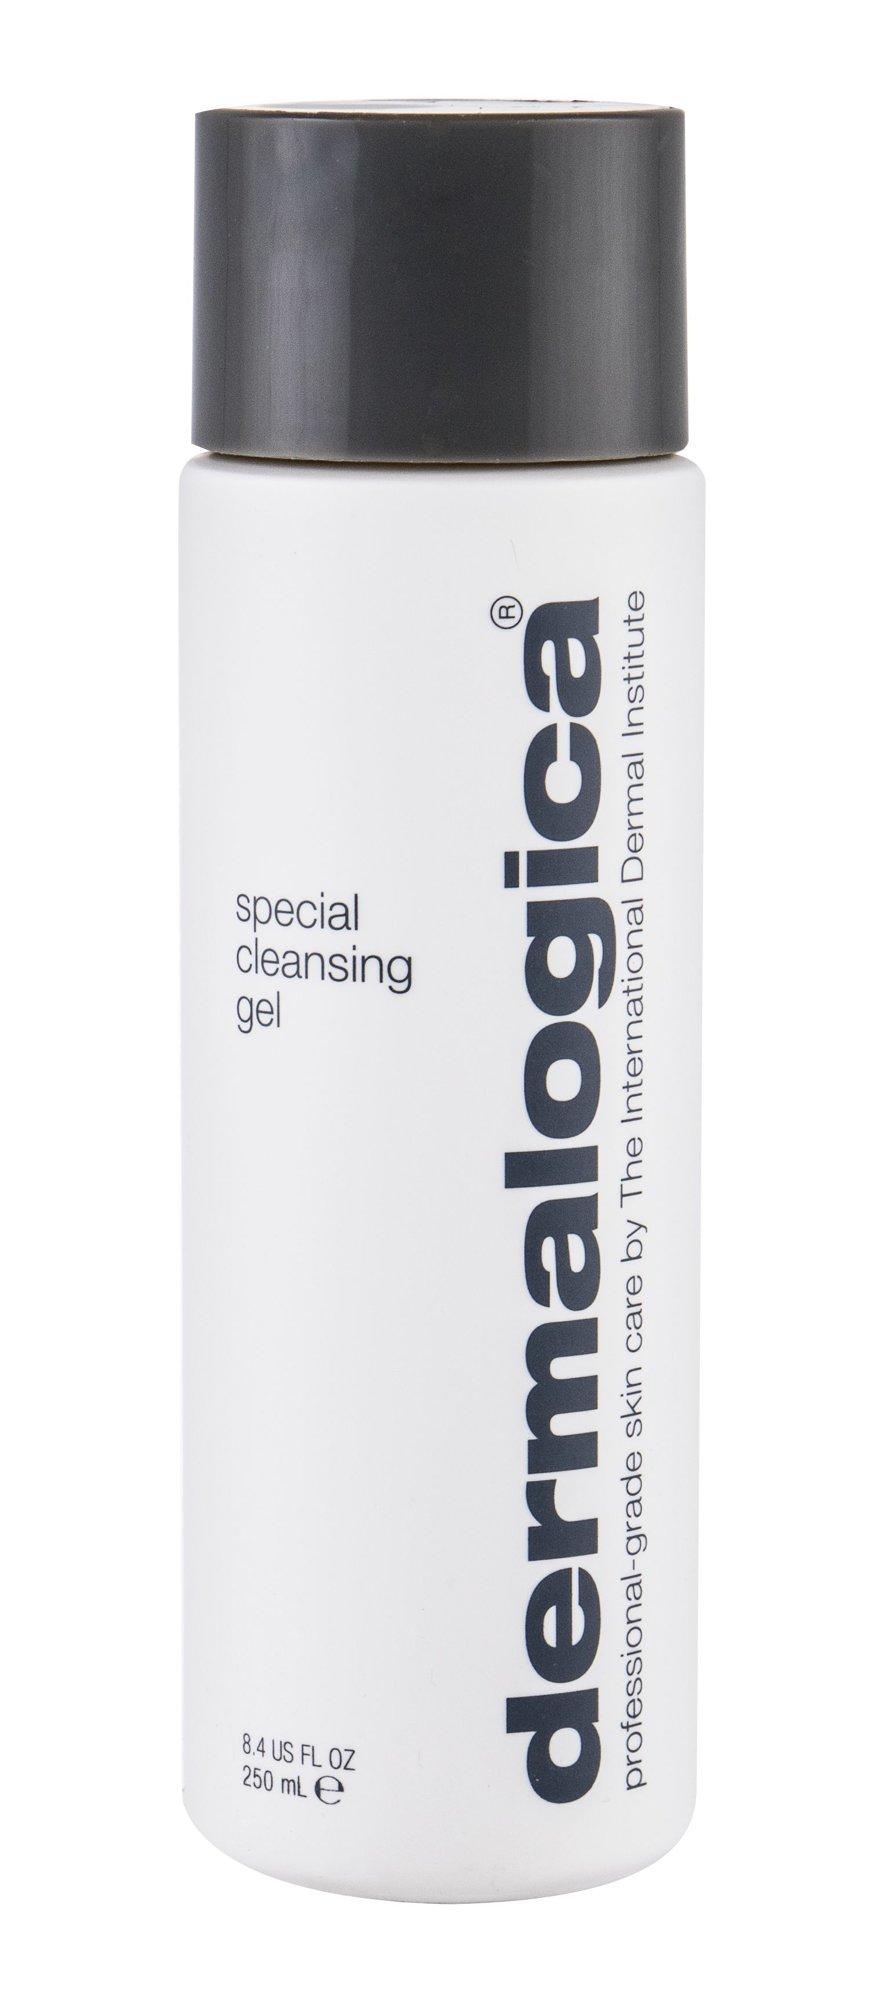 Dermalogica Daily Skin Health Cleansing Gel 250ml  Special Cleansing Gel